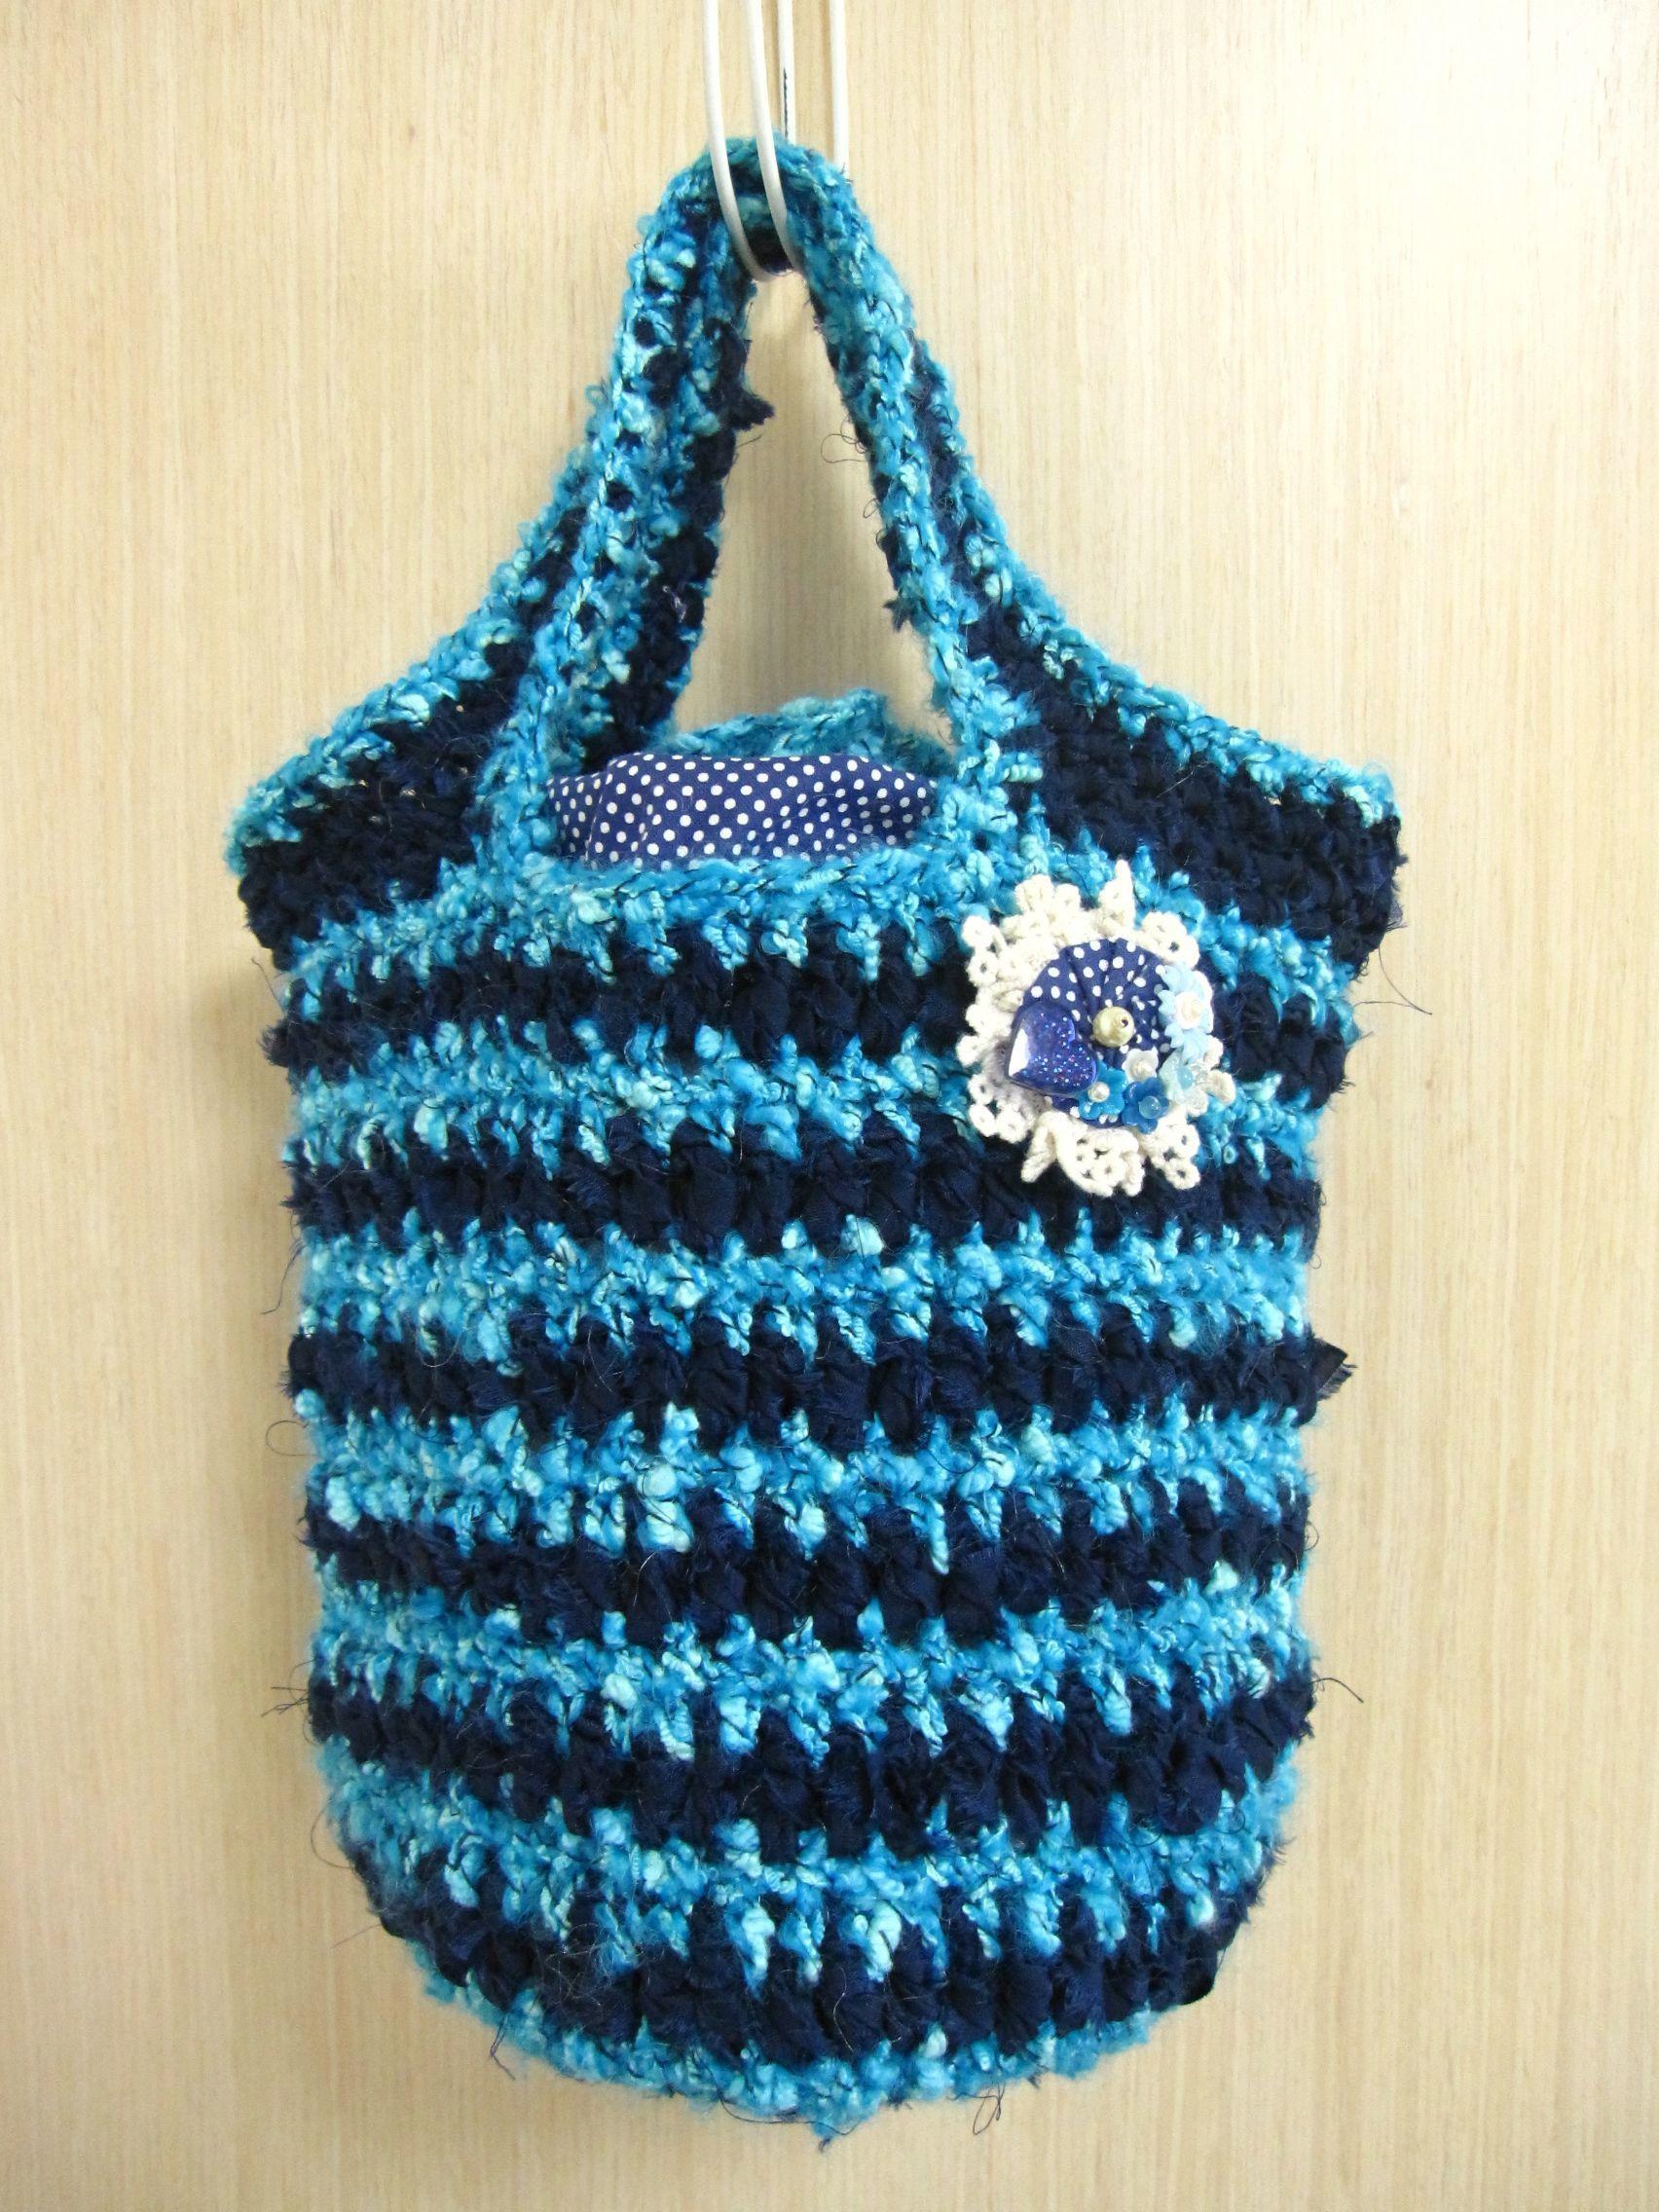 裂き生地と綿毛糸のニットバッグ(水色×紺)